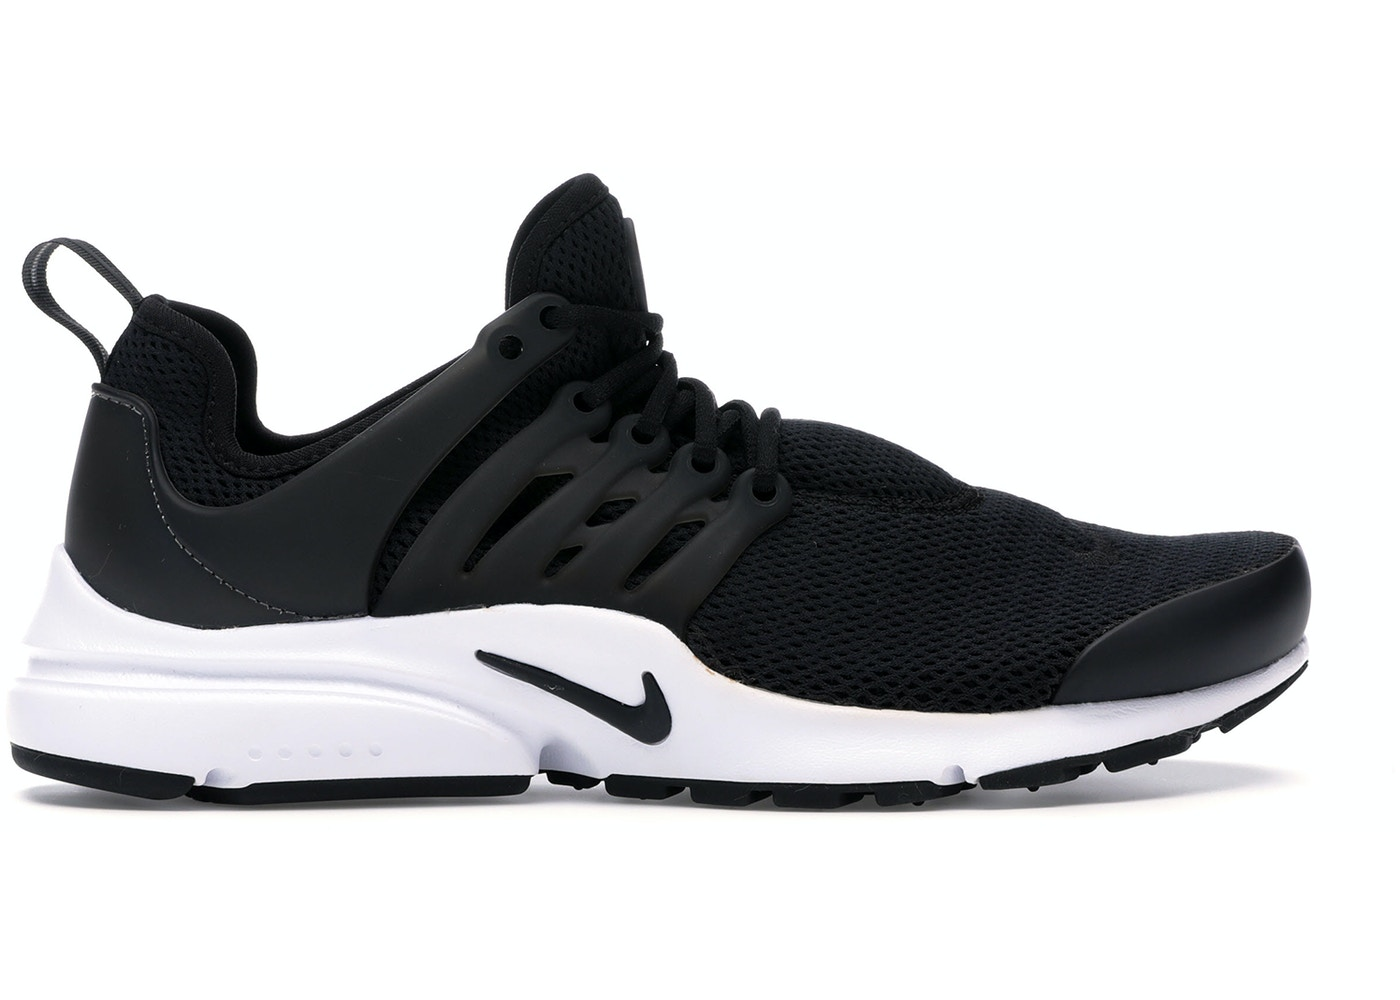 burlarse de 945 blanco como la nieve  Nike Air Presto Black White (W) - 878068-001